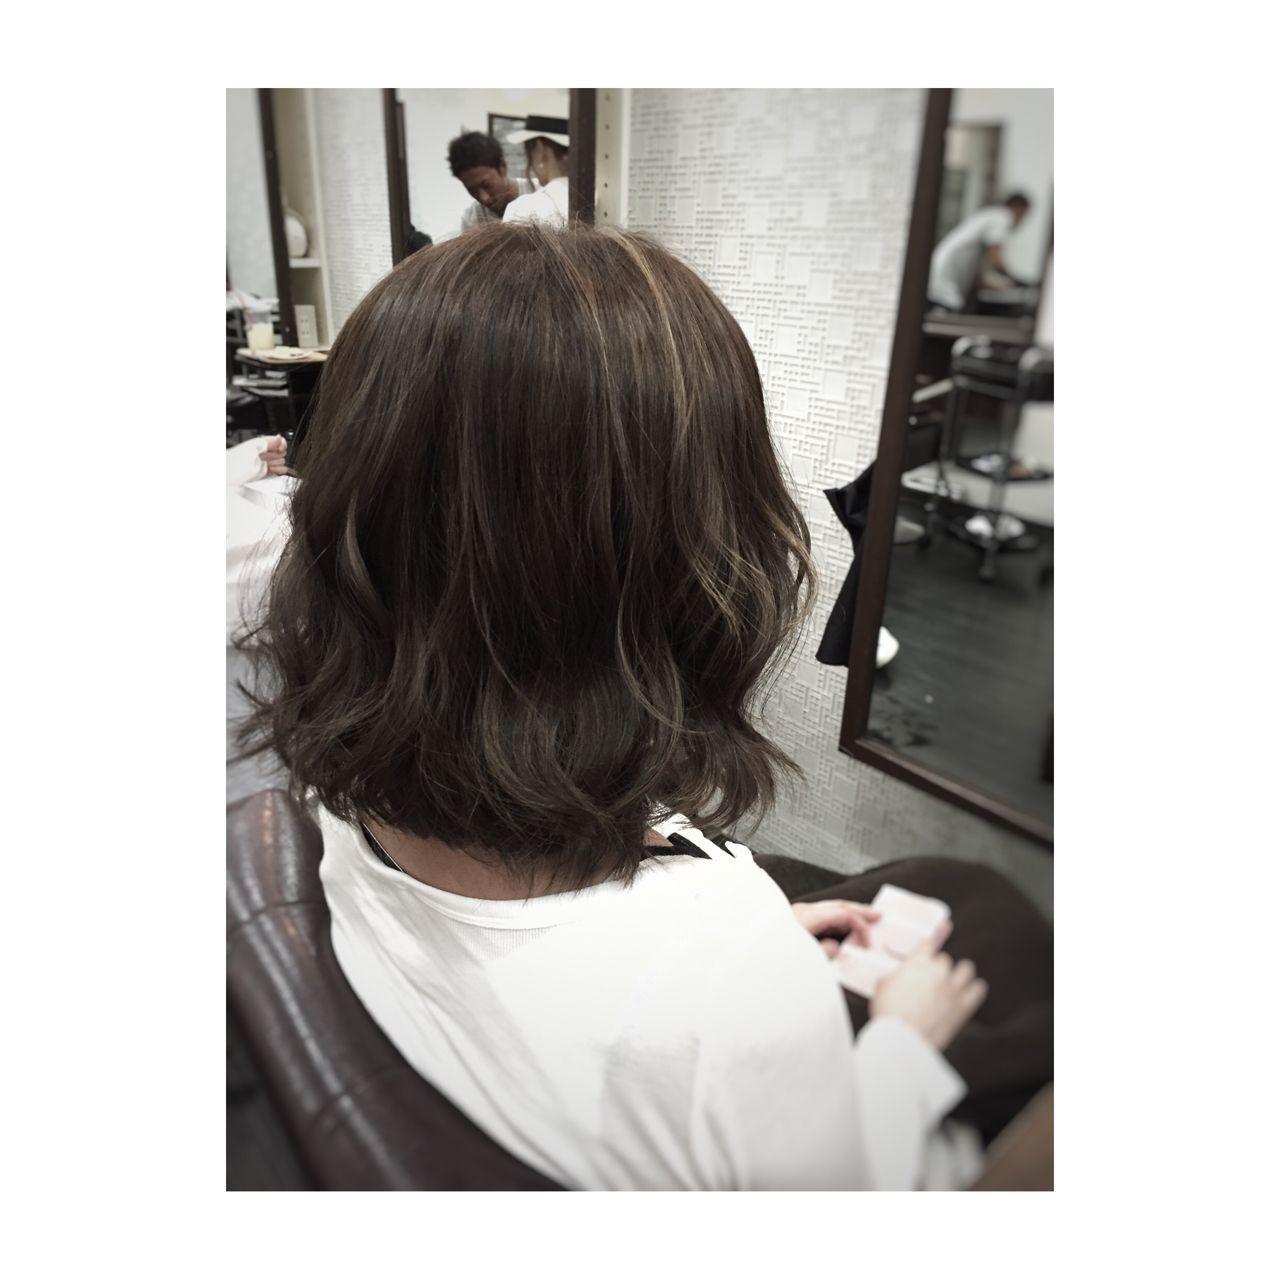 ストリート アッシュグレージュ ロング アッシュ ヘアスタイルや髪型の写真・画像